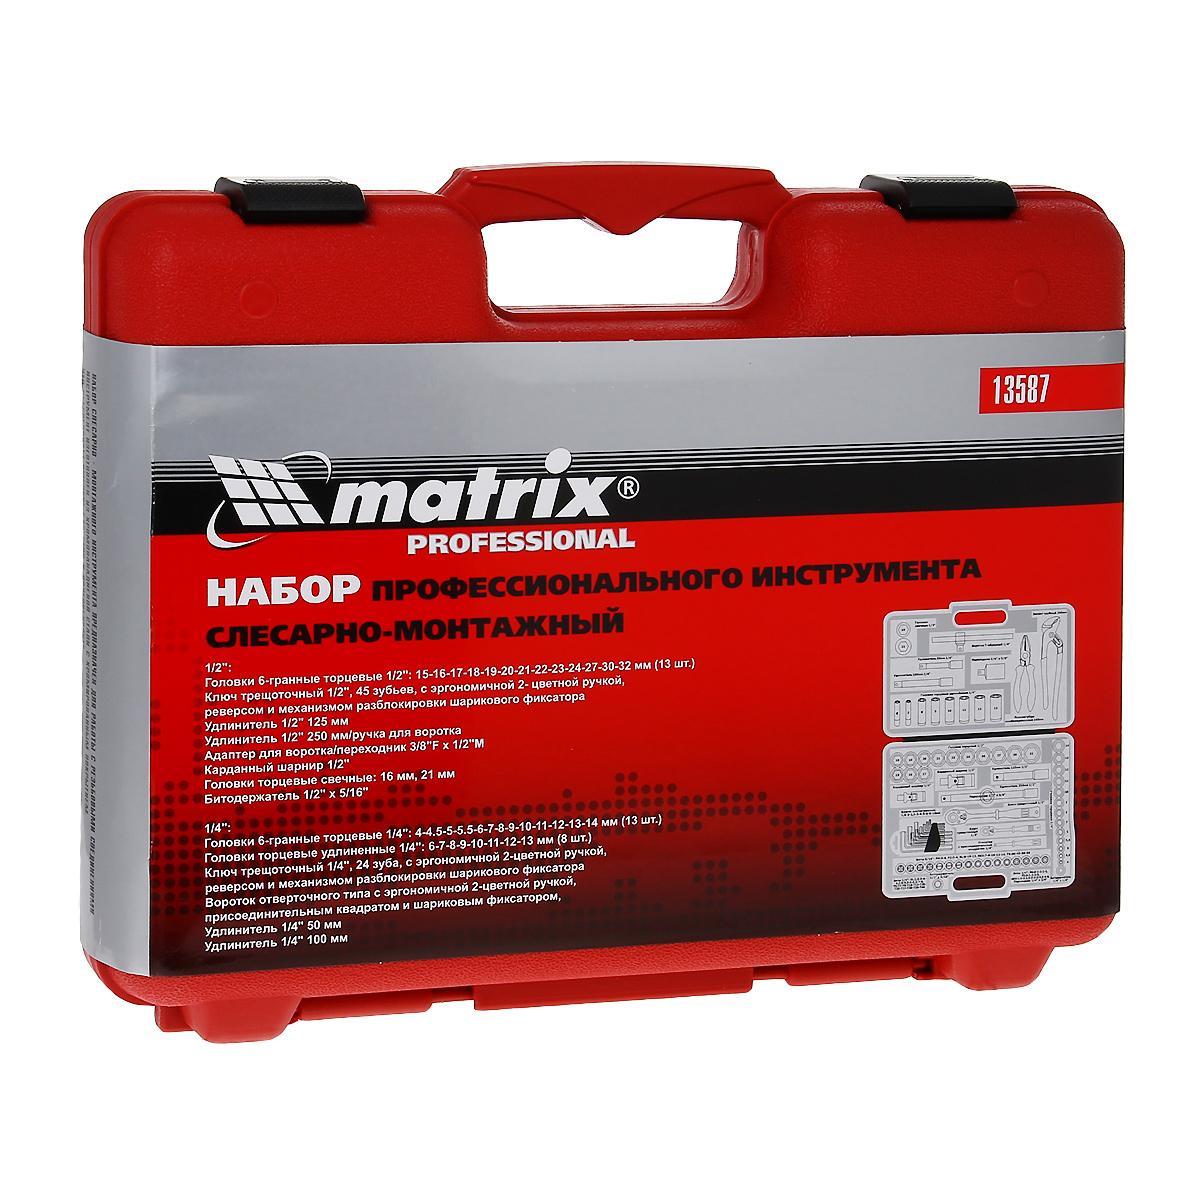 Набор слесарно-монтажный Matrix, 117 предметов80621Слесарно-монтажный набор Matrix предназначен для монтажа и демонтажа резьбовых соединений. Инструменты выполнены из хромованадиевой стали с хромированным покрытием, что обеспечивает высокое качество и долговечность.Состав набора:1/2:Головки шестигранные торцевые: 15 мм, 16 мм, 17 мм, 18 мм, 19 мм, 20 мм, 21 мм, 22 мм, 23 мм, 24 мм, 27 мм, 30 мм, 32 мм.Ключ трещоточный, 45 зубьев, с эргономичной двухцветной ручкой, реверсом и механизмом разблокировки шарикового фиксатора.Удлинитель 125 мм.Удлинитель 250 мм/ручка для воротка.Адаптер для воротка/переходник 3/8F х 1/2M.Карданный шарнир.Головки торцевые свечные: 16 мм, 21 мм.Битодержатель 1/2 х 5/16.1/4:Головки шестигранные торцевые: 4 мм, 4,5 мм, 5 мм, 5.5 мм, 6 мм, 7 мм, 8 мм, 9 мм, 10 мм, 11 мм, 12 мм, 13 мм, 14 мм.Шестигранные угловые (Г-образные) ключи: 1.5 мм, 2 мм, 2.5 мм, 3 мм, 4 мм, 5 мм, 6 мм, 8 мм, 10 мм.Головки торцевые удлиненные: 6 мм, 7 мм, 8 мм, 9 мм, 10 мм, 11 мм, 12 мм, 13 мм.Ключ трещоточный, 24 зуба, с эргономичной двухцветной ручкой, реверсом и механизмом разблокировки шарикового фиксатора.Вороток отверточного типа с эргономичной двухцветной ручкой, присоединительным квадратом и шариковым фиксатором.Удлинитель 50 мм.Удлинитель 100 мм.